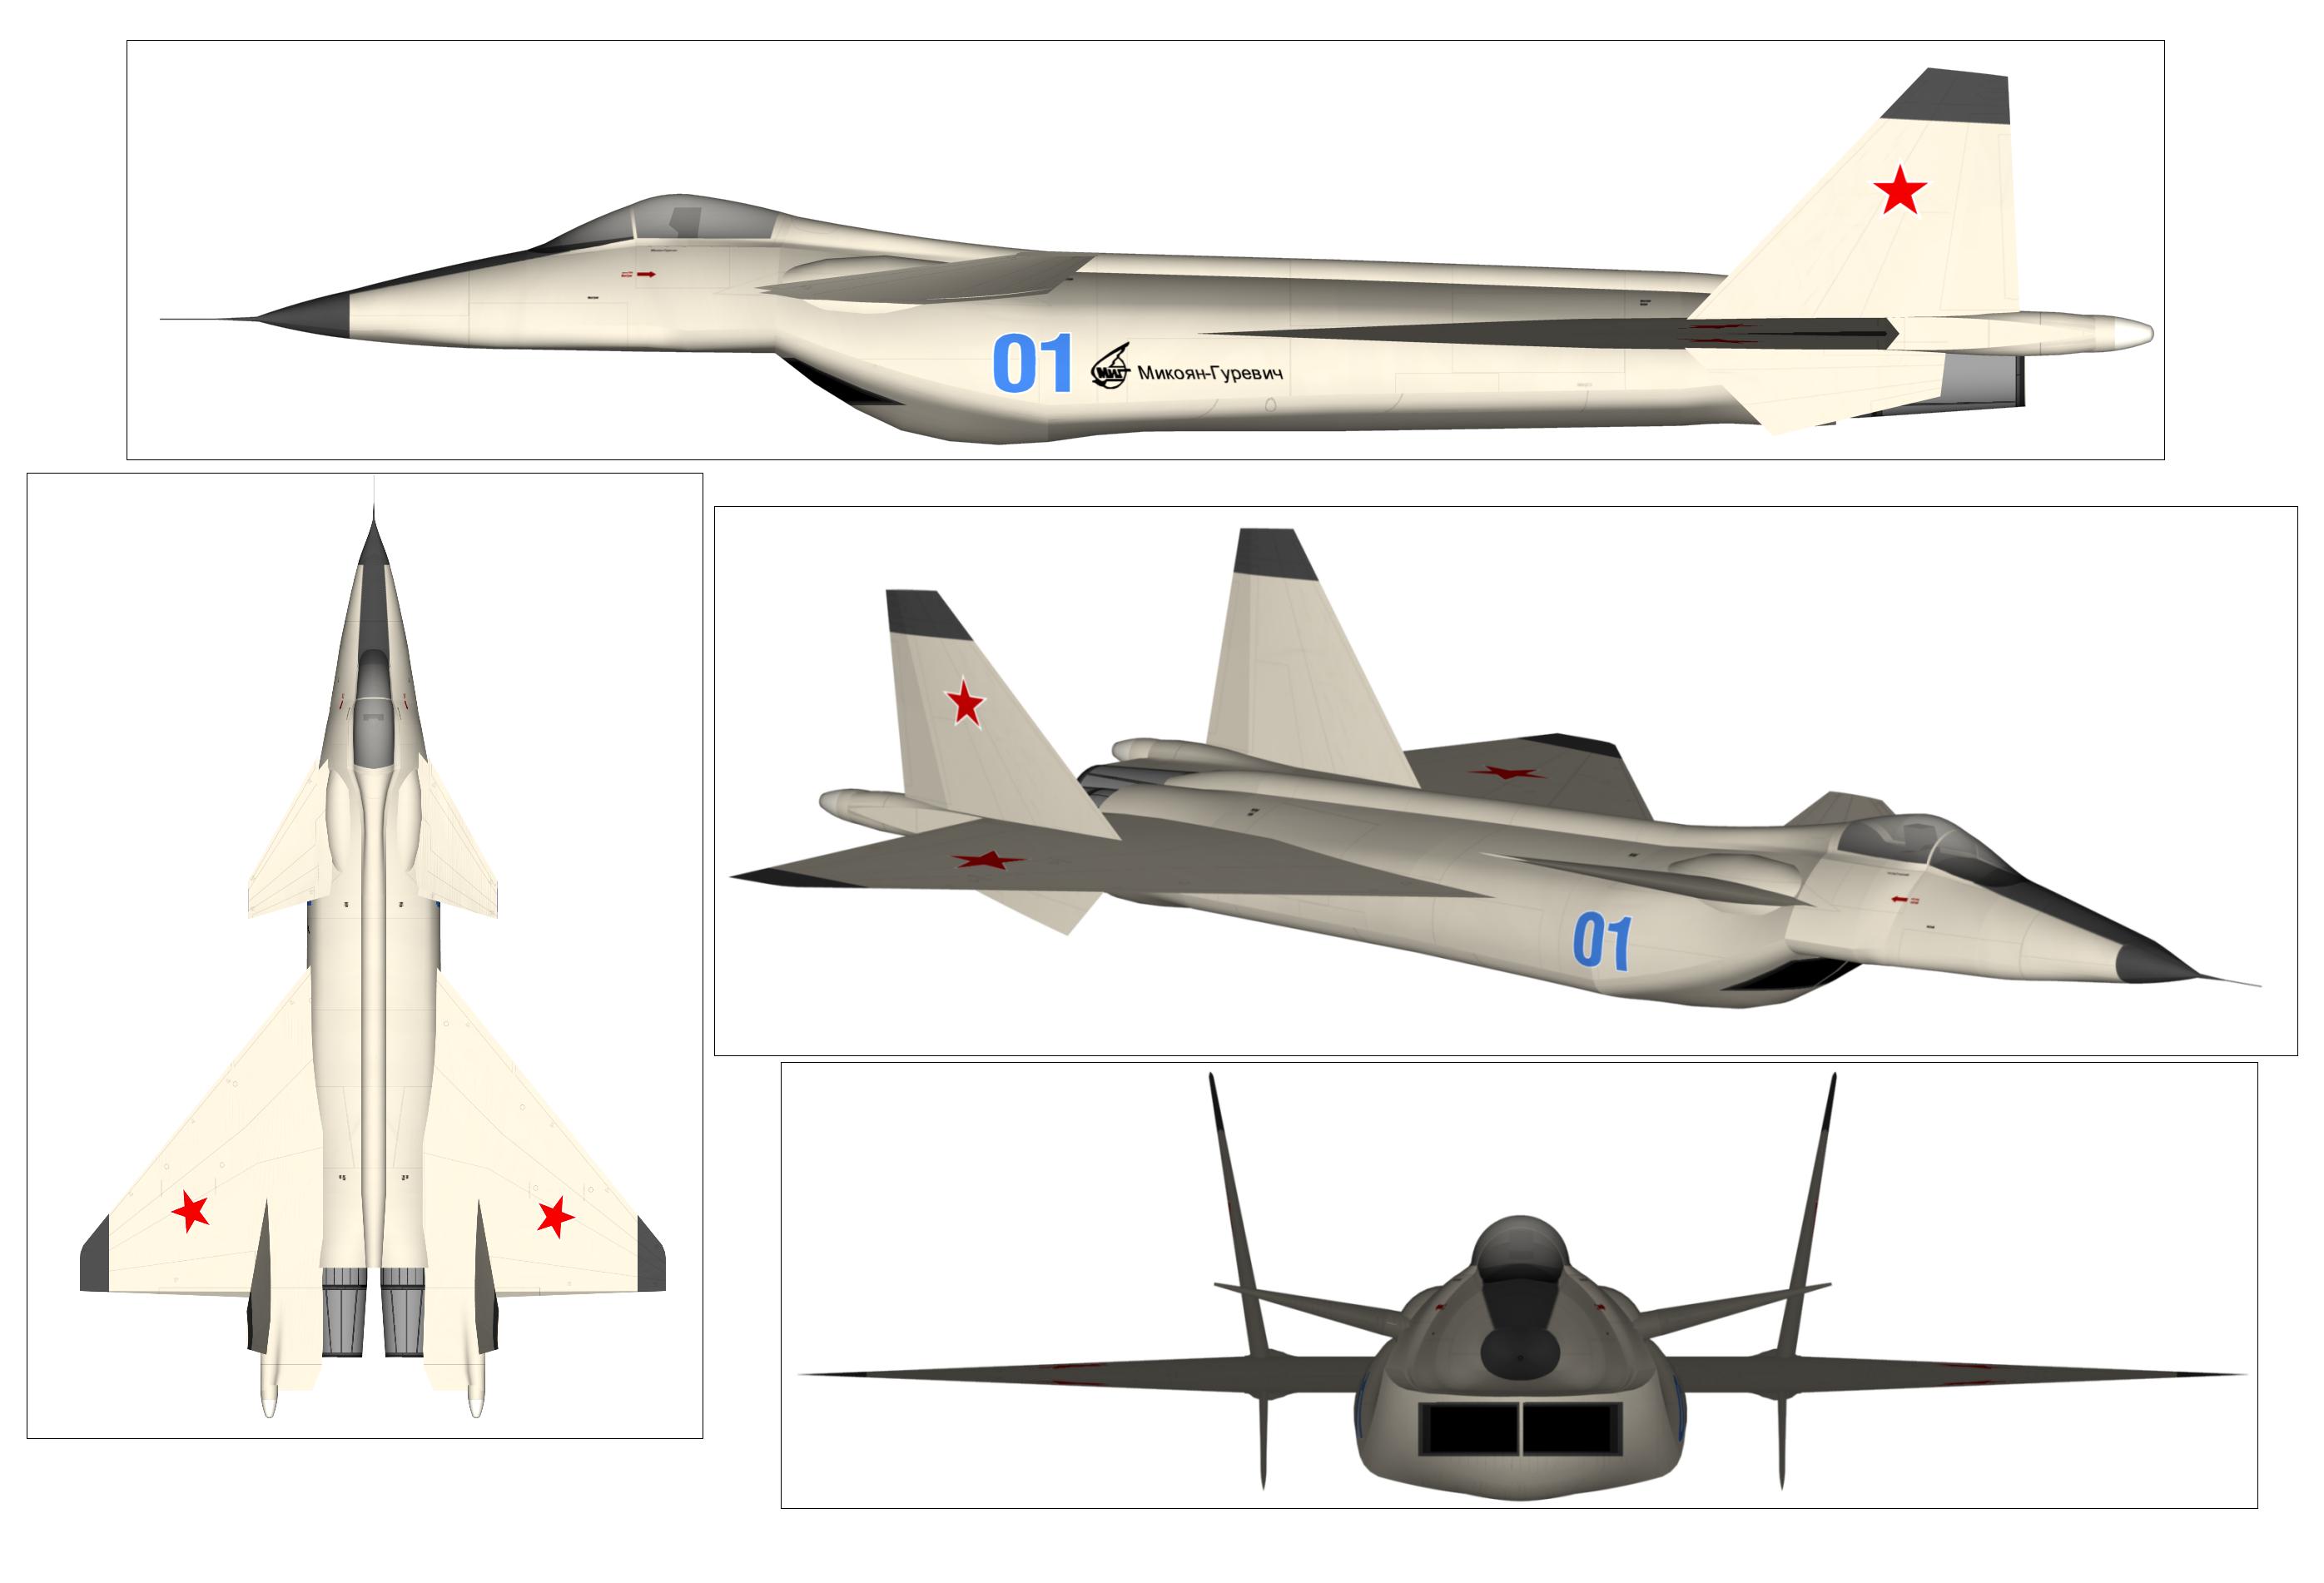 El modelo del MiG 1.44 en tres dimensiones